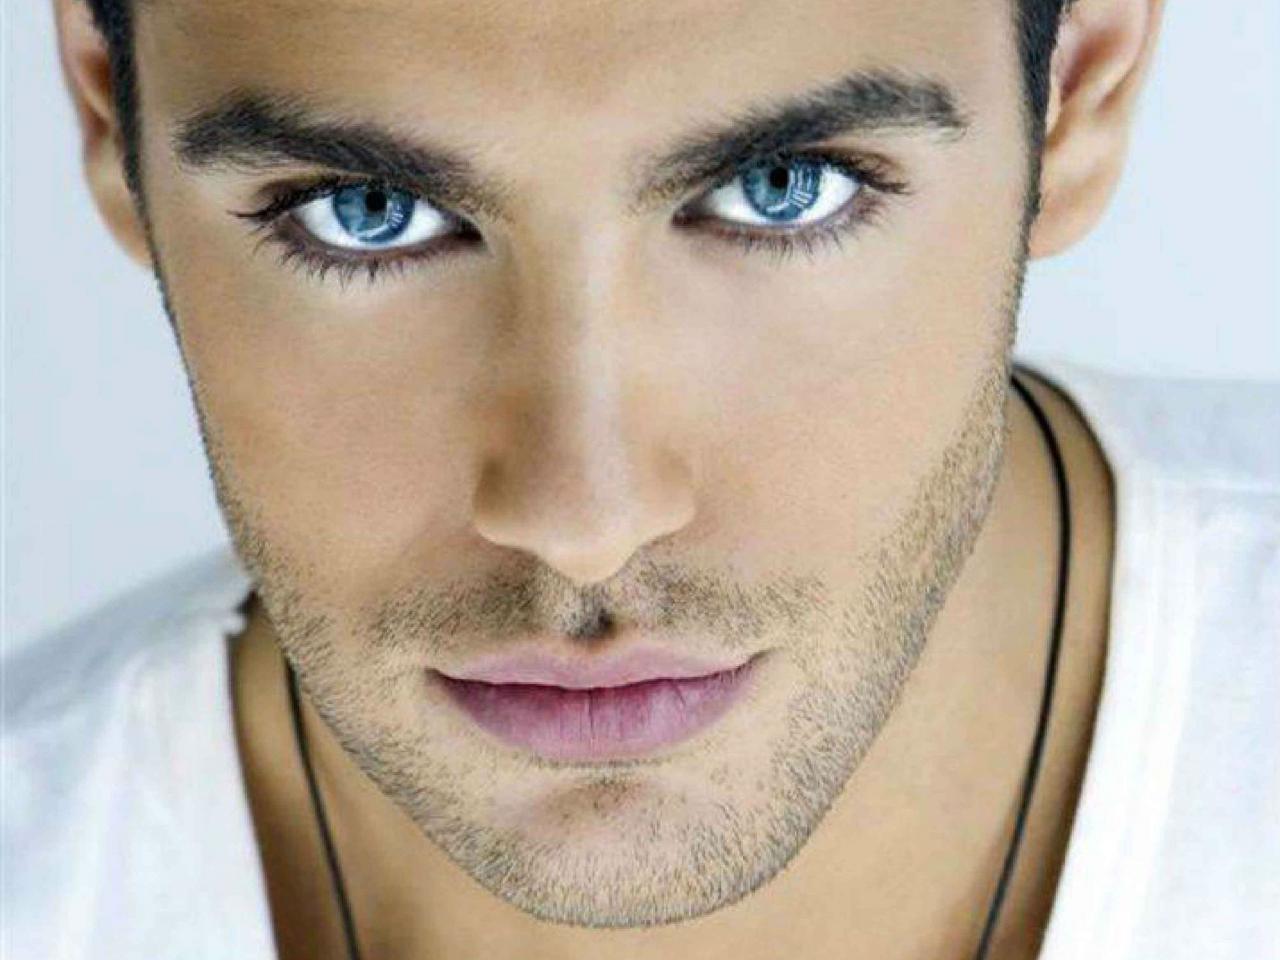 صورة عيون رجال جميلة , للعيون سحر خاص بيه جمال عيون الرجال 10434 1